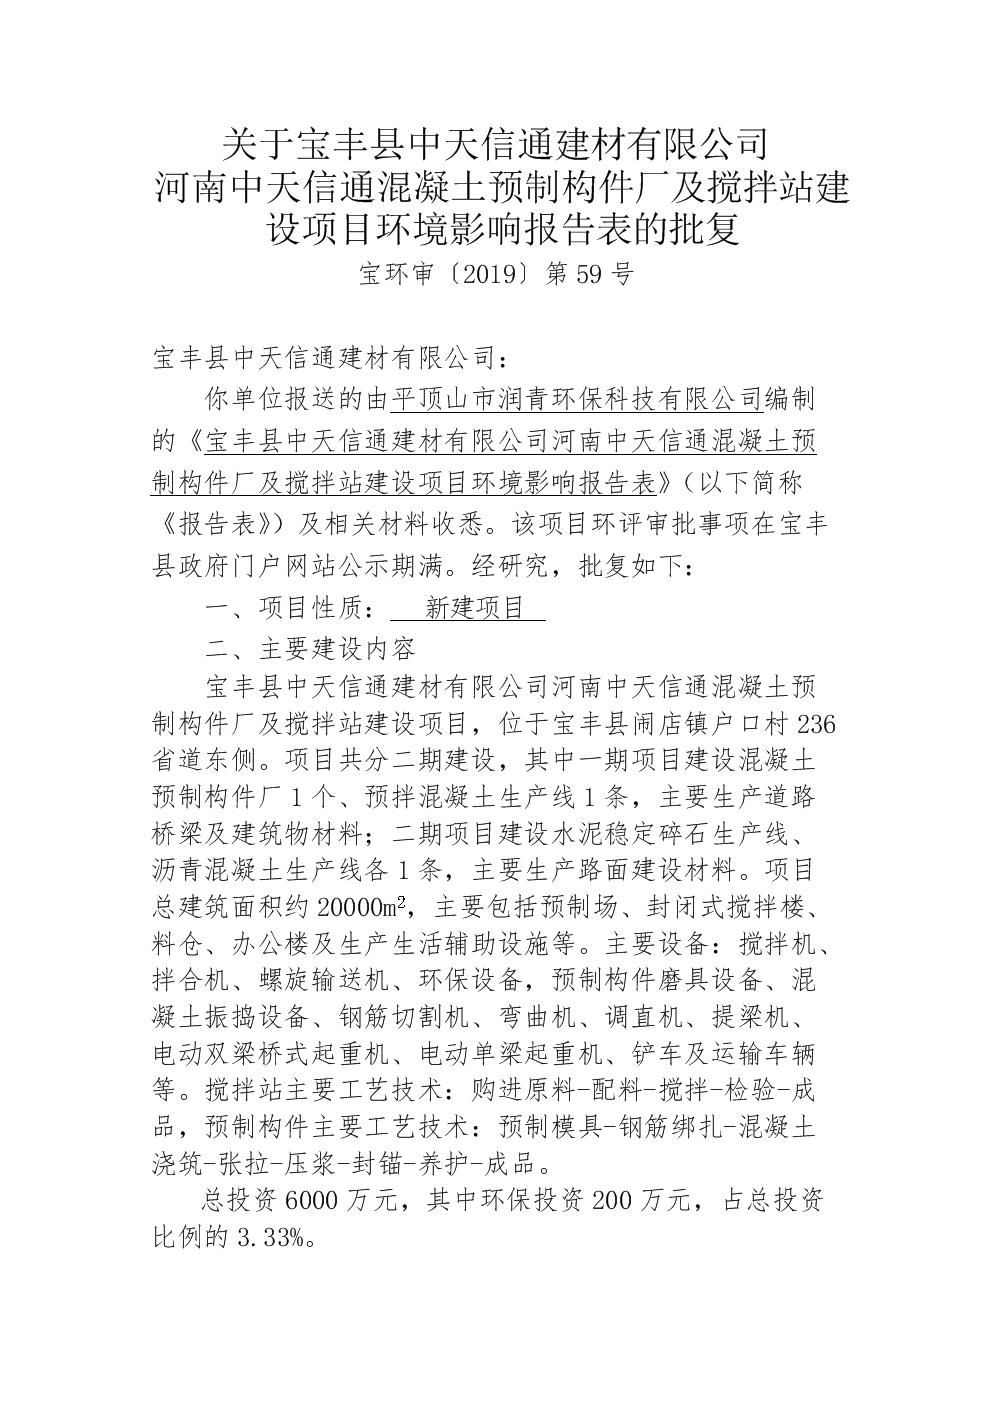 关于宝丰县中天信通建材有限公司.doc